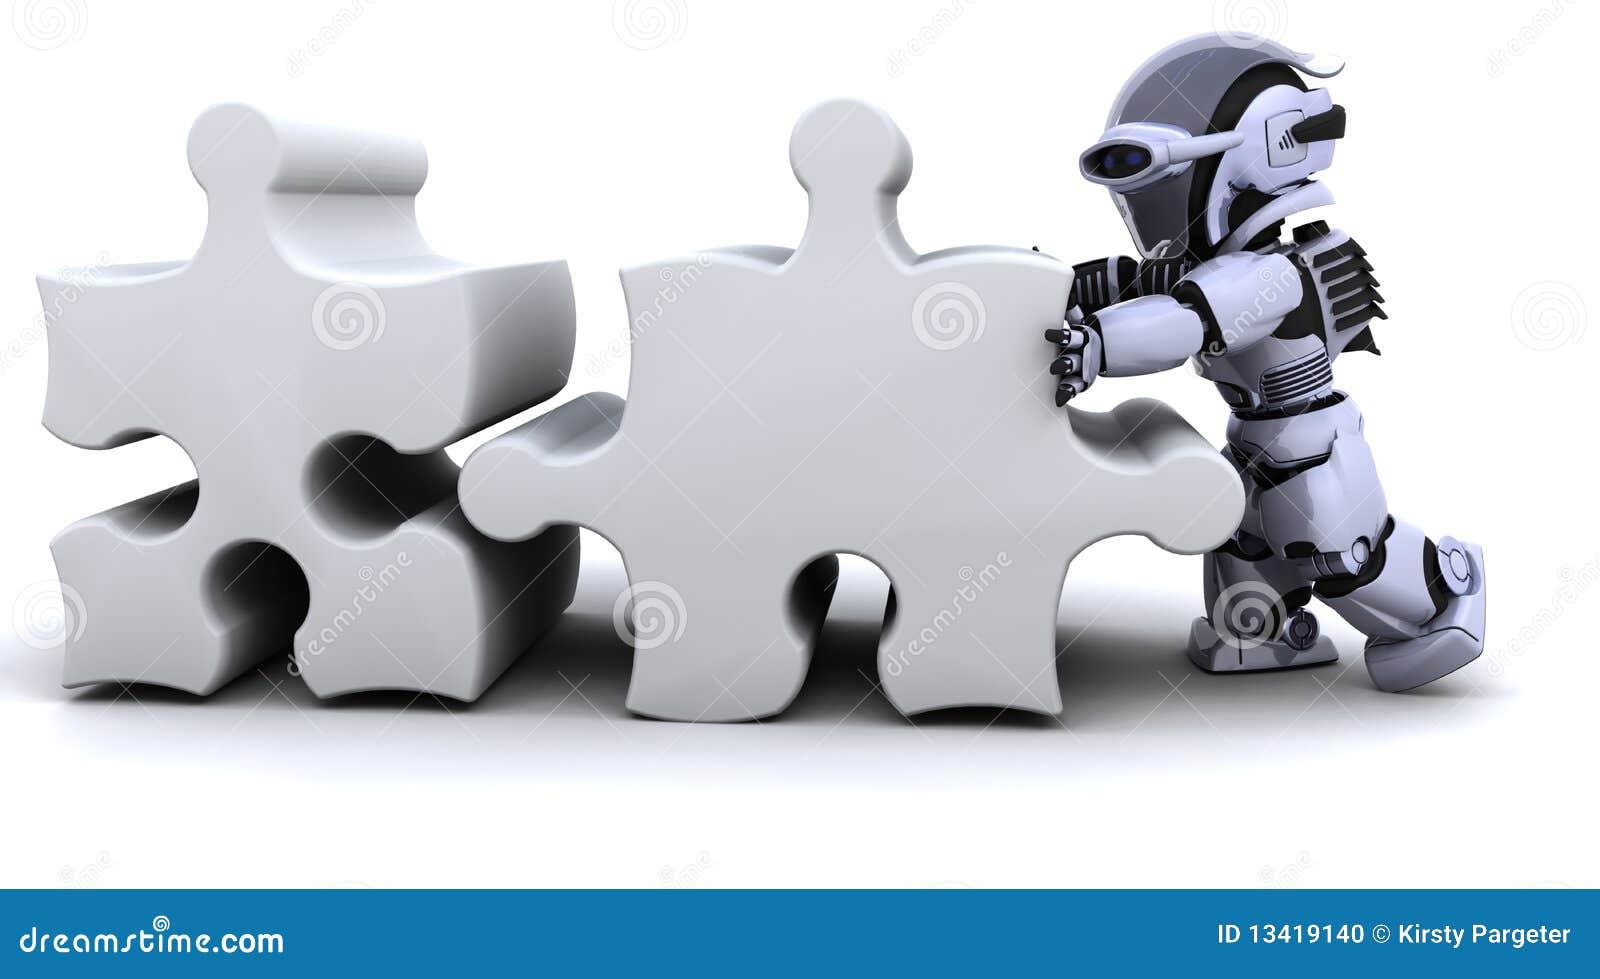 Robô que resolve o enigma de serra de vaivém